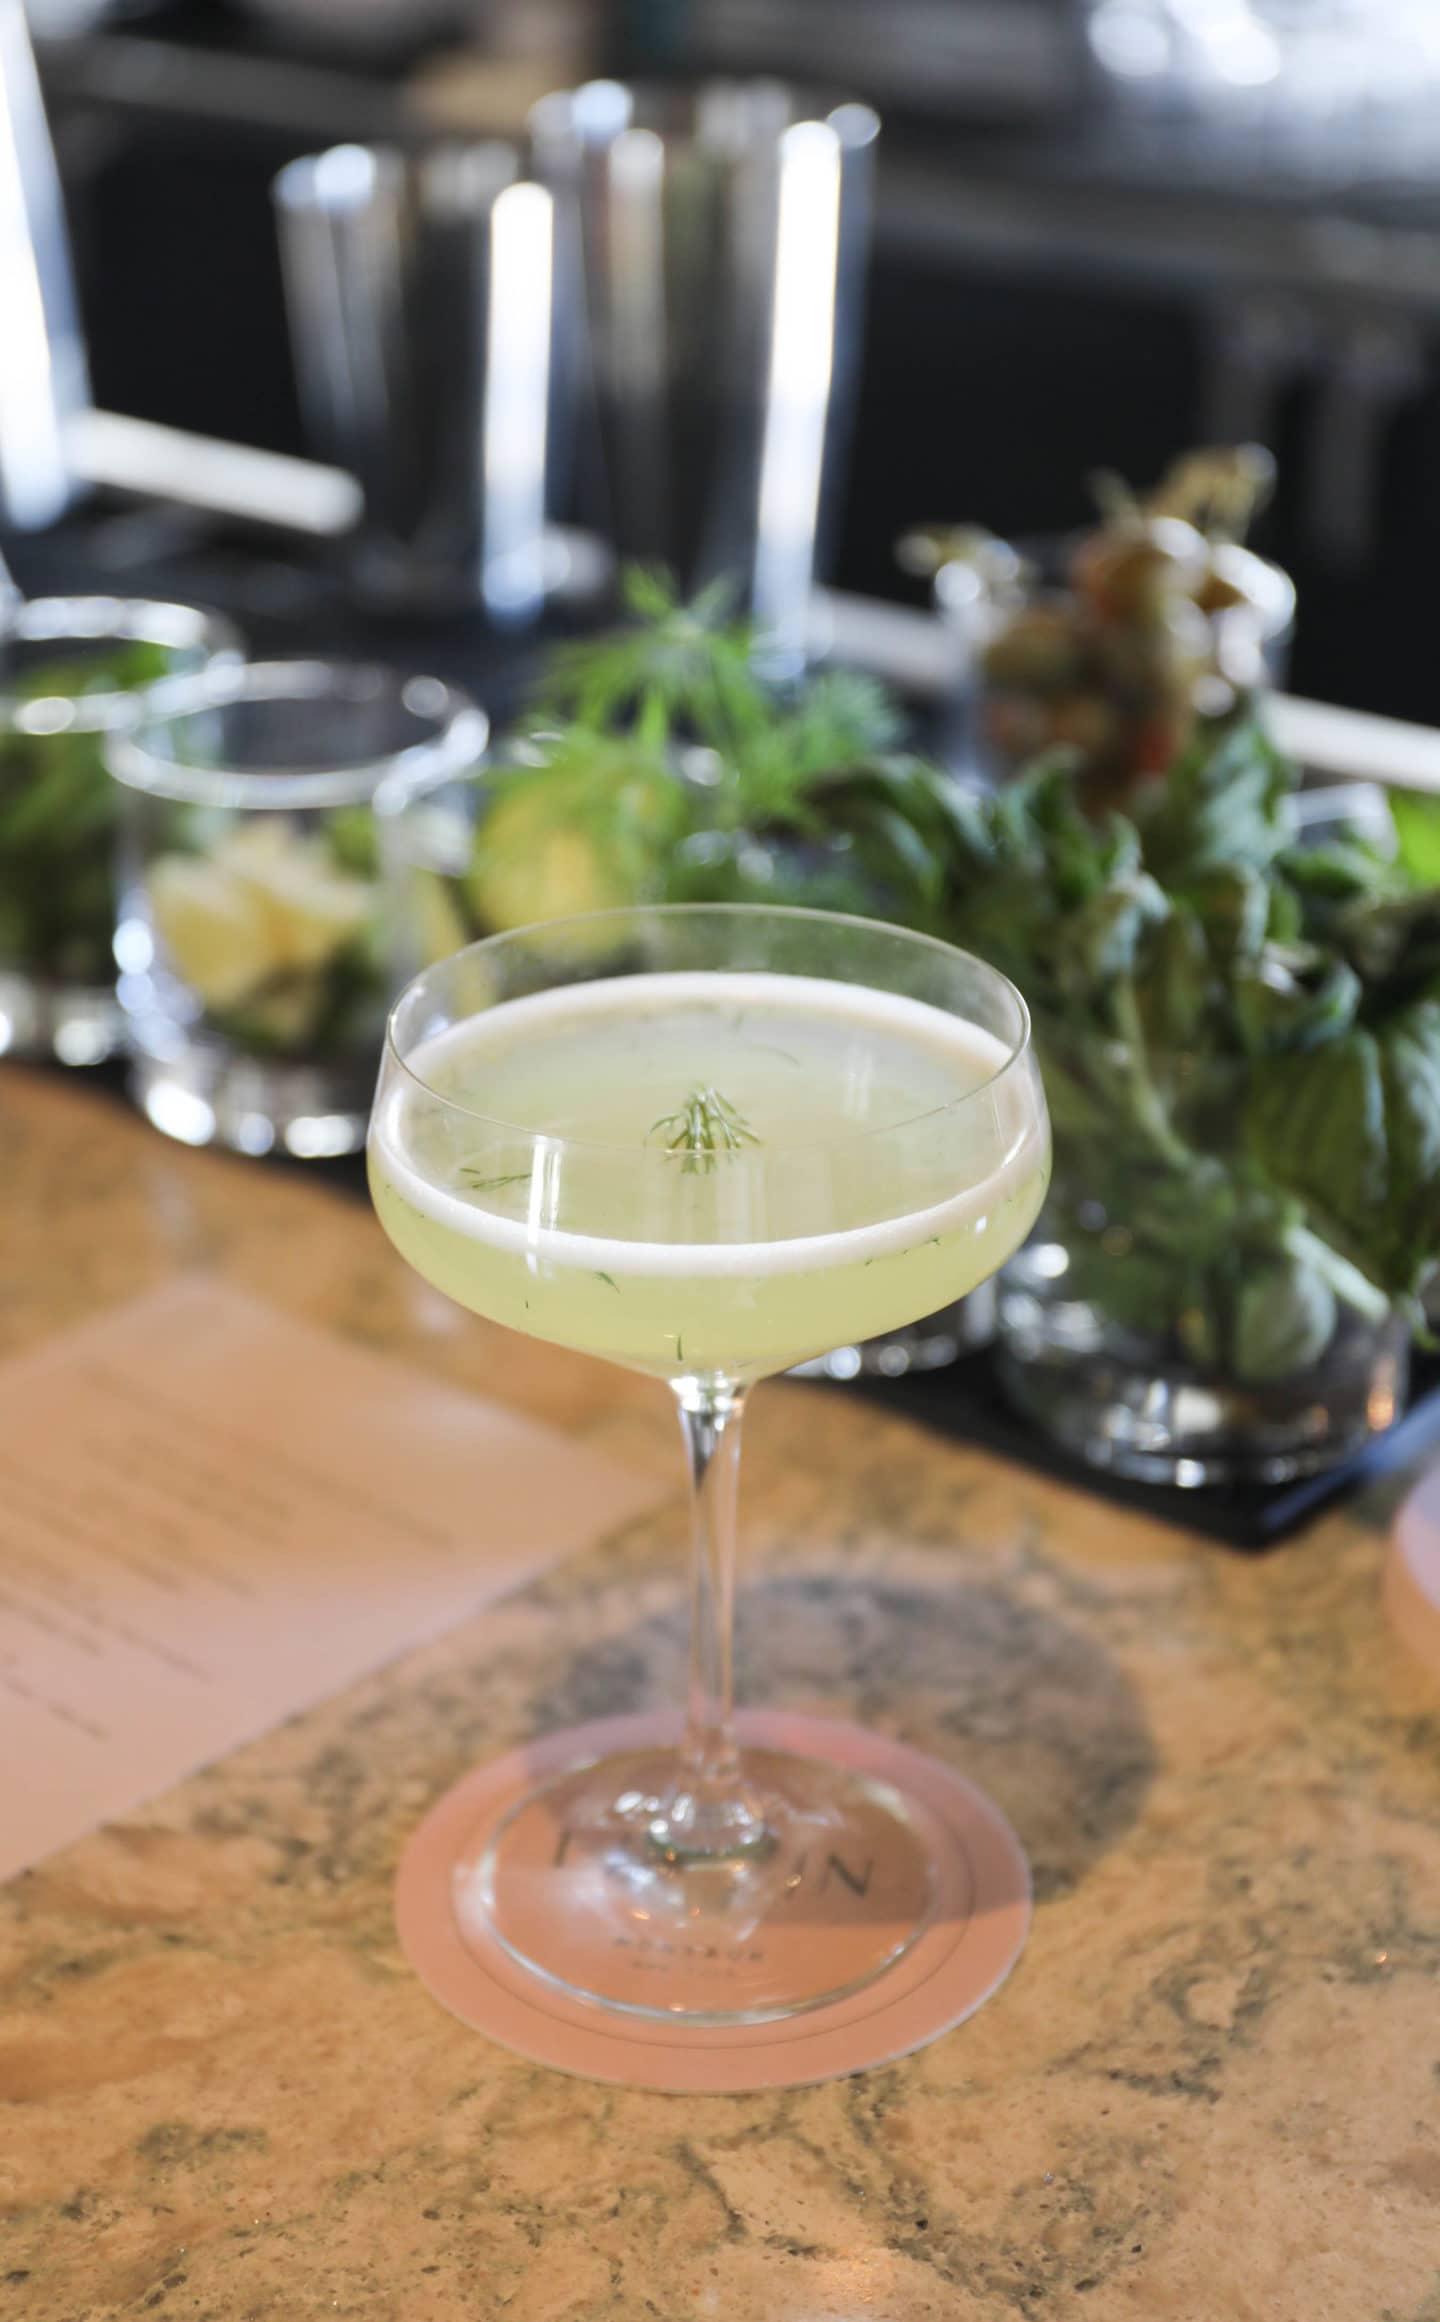 La Fin Montauk Cocktail Dill